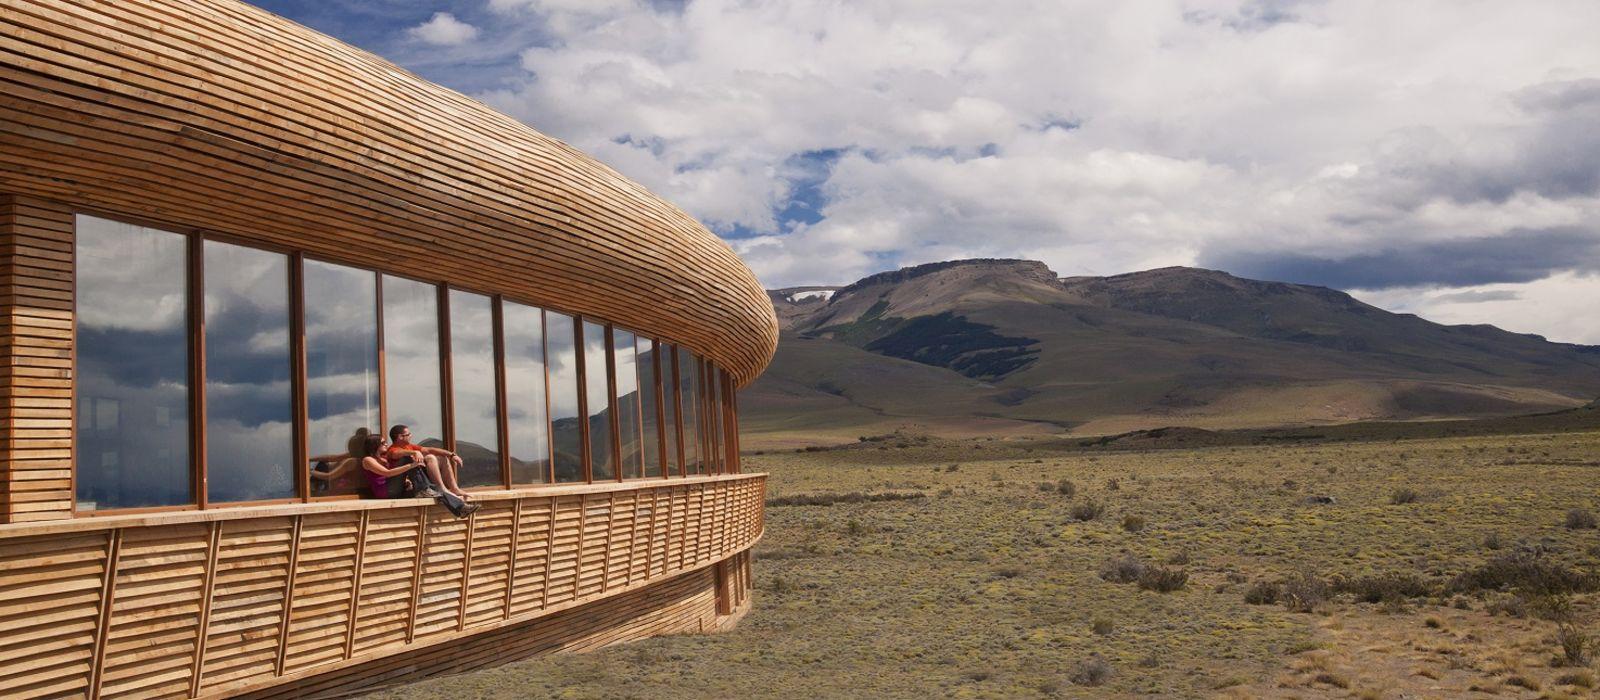 Chile & Antarktis: Sagenhafte Schneelandschaften Urlaub 6